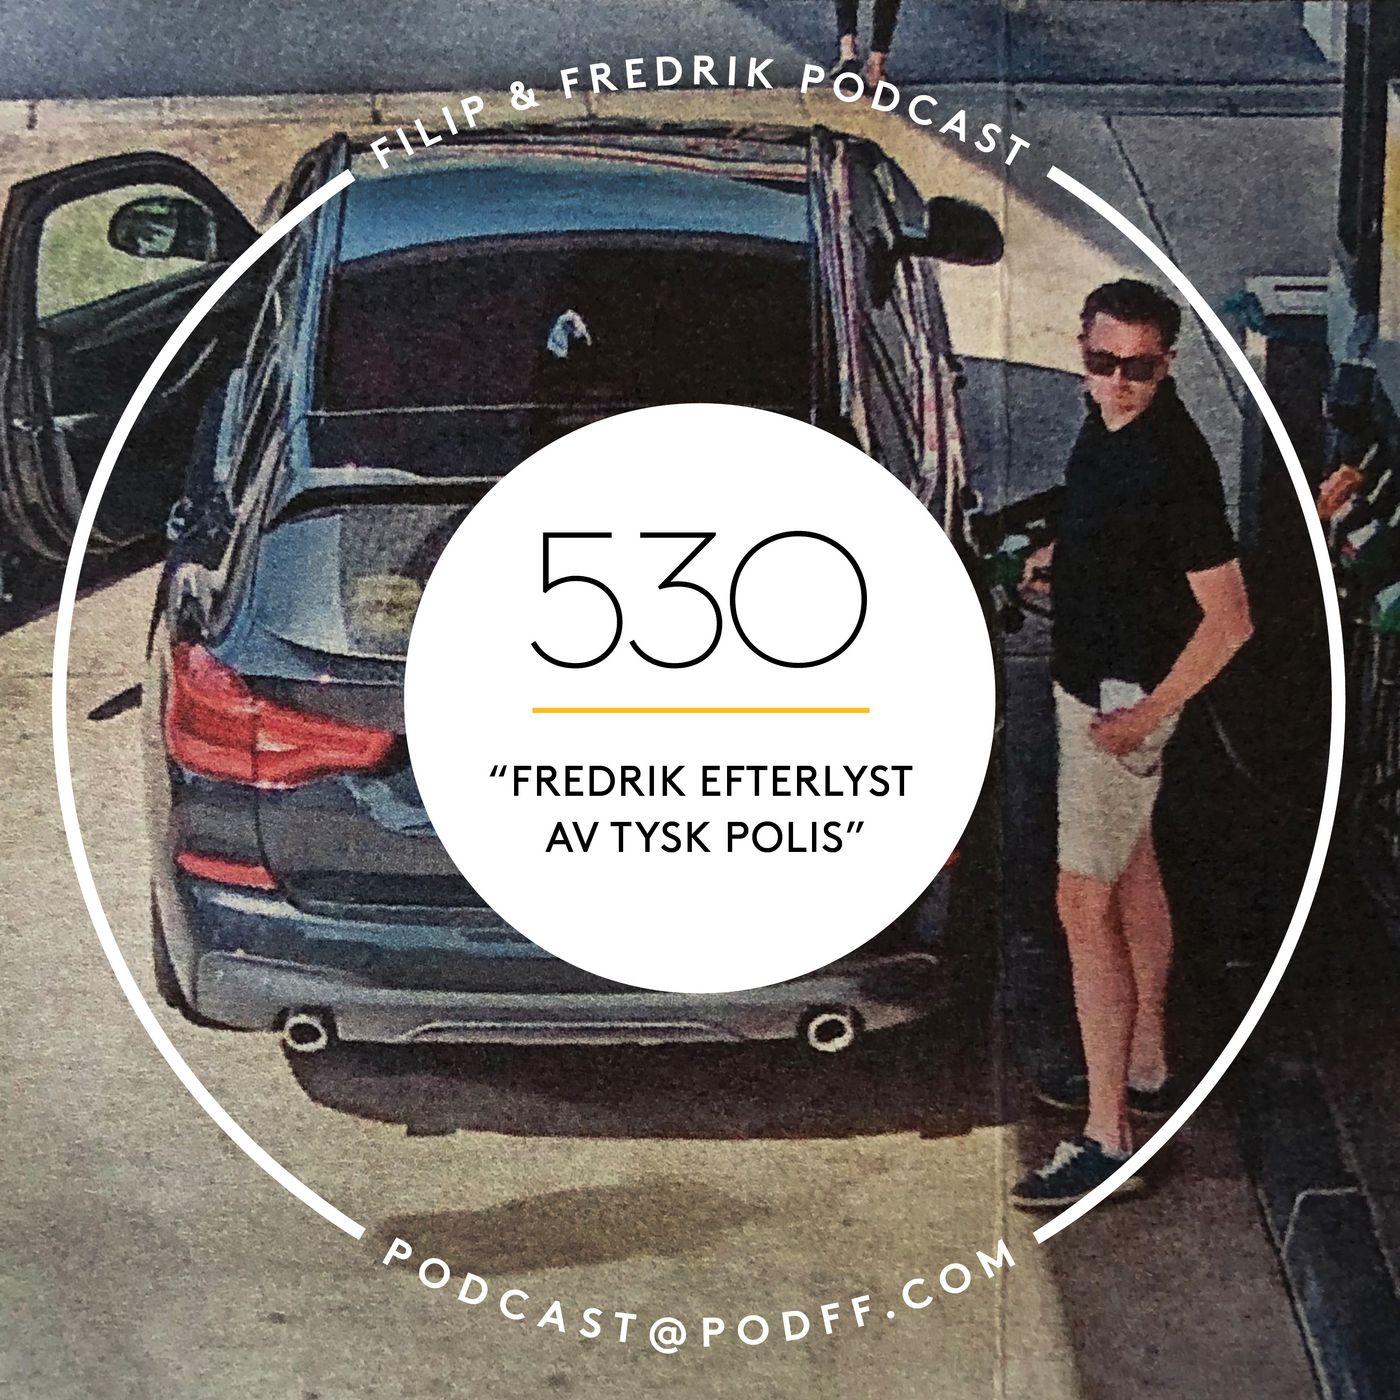 """530. """"Fredrik efterlyst av tysk polis"""""""